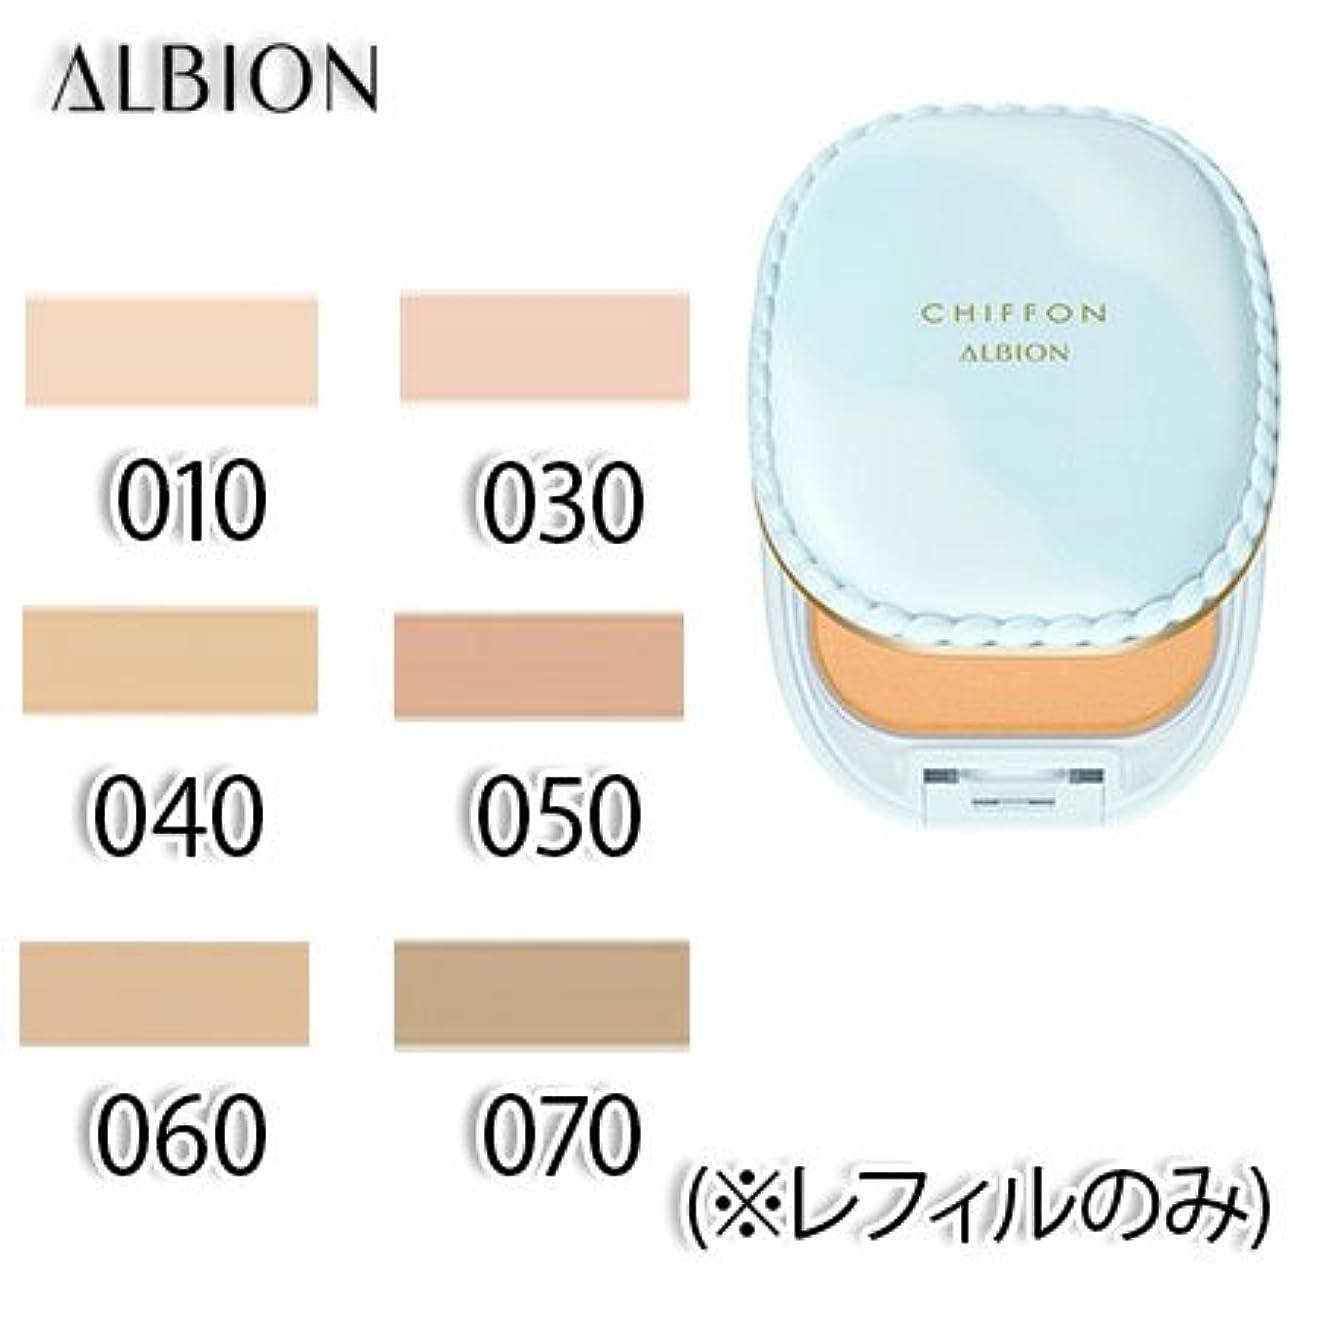 鰐シャックル圧縮アルビオン スノー ホワイト シフォン 全6色 SPF25?PA++ 10g (レフィルのみ) -ALBION- 050